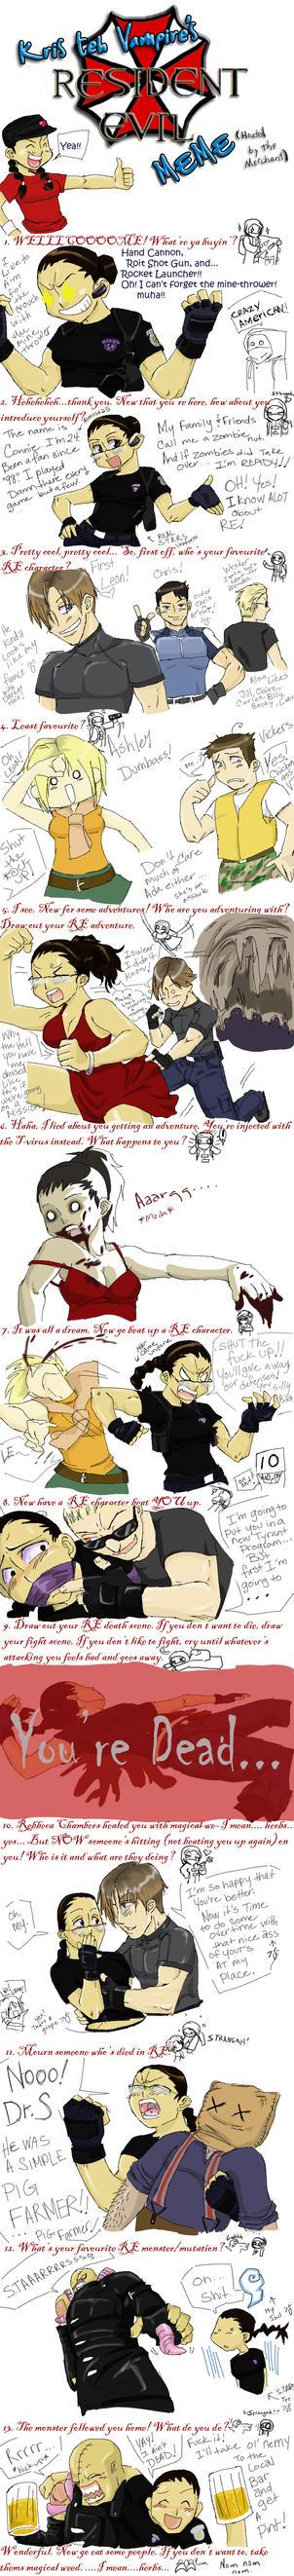 Resident Evil meme by neoanimegirl